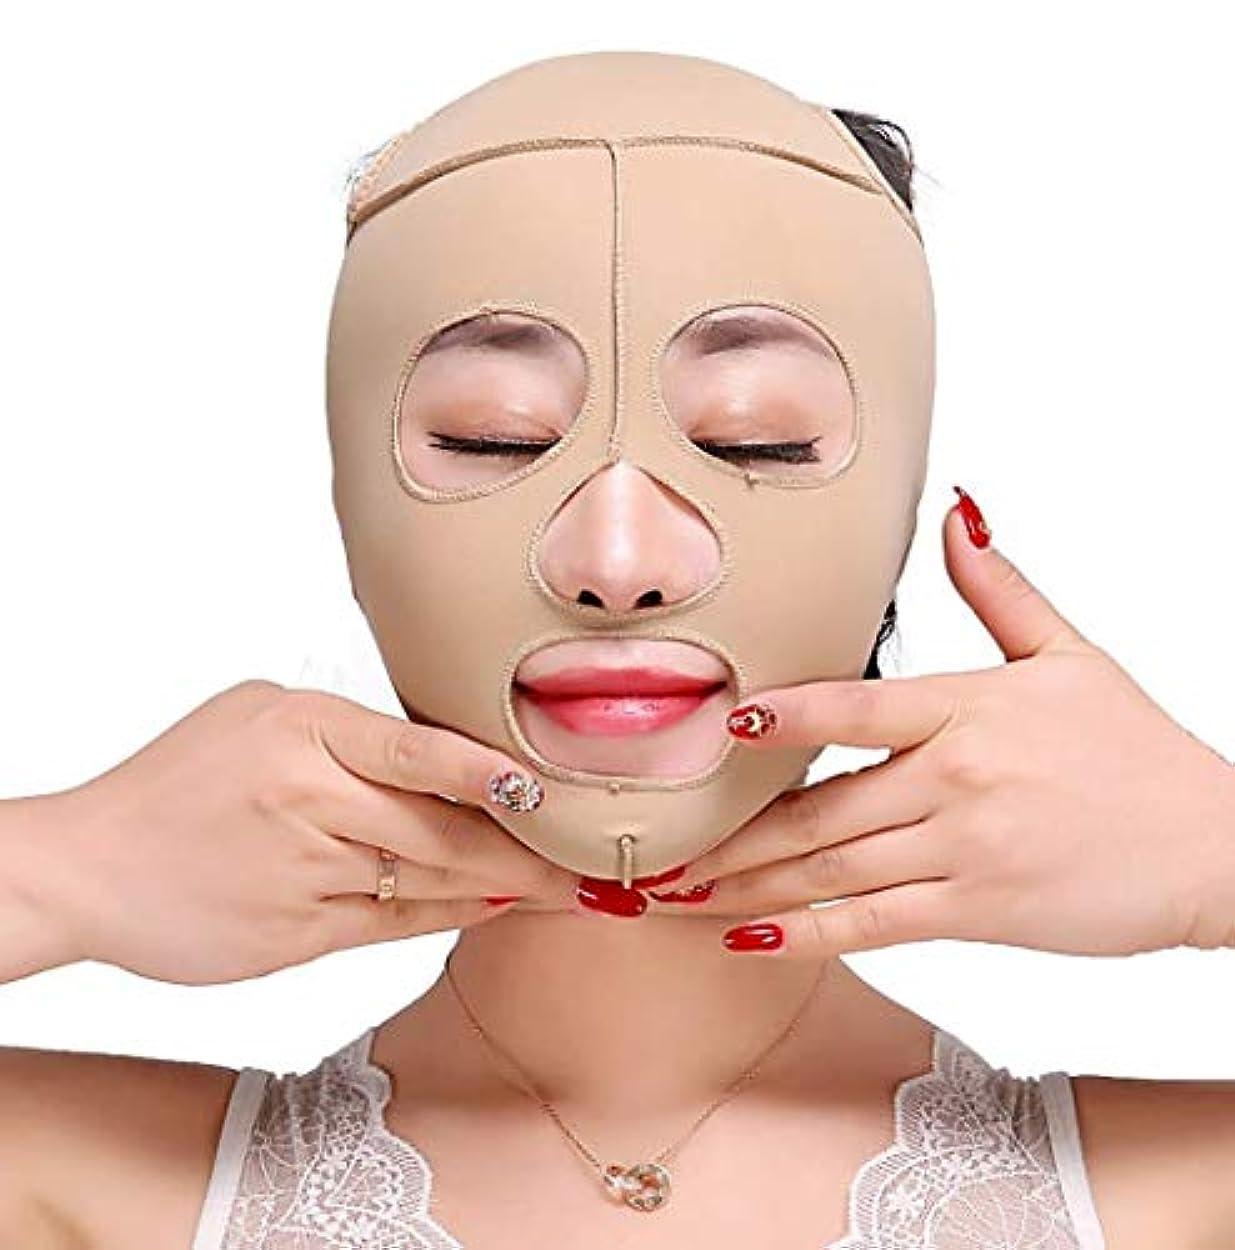 異なる波紋受賞引き締めフェイスマスク、スリミングベルトフェイスリフティングバンデージスモールVフェイスマスクフェイスリフティングフェイスマスクバンデージリフティングファーミングVフェイスビューティーフェイスマスクスモールフェイスバンデージヘッドギア...